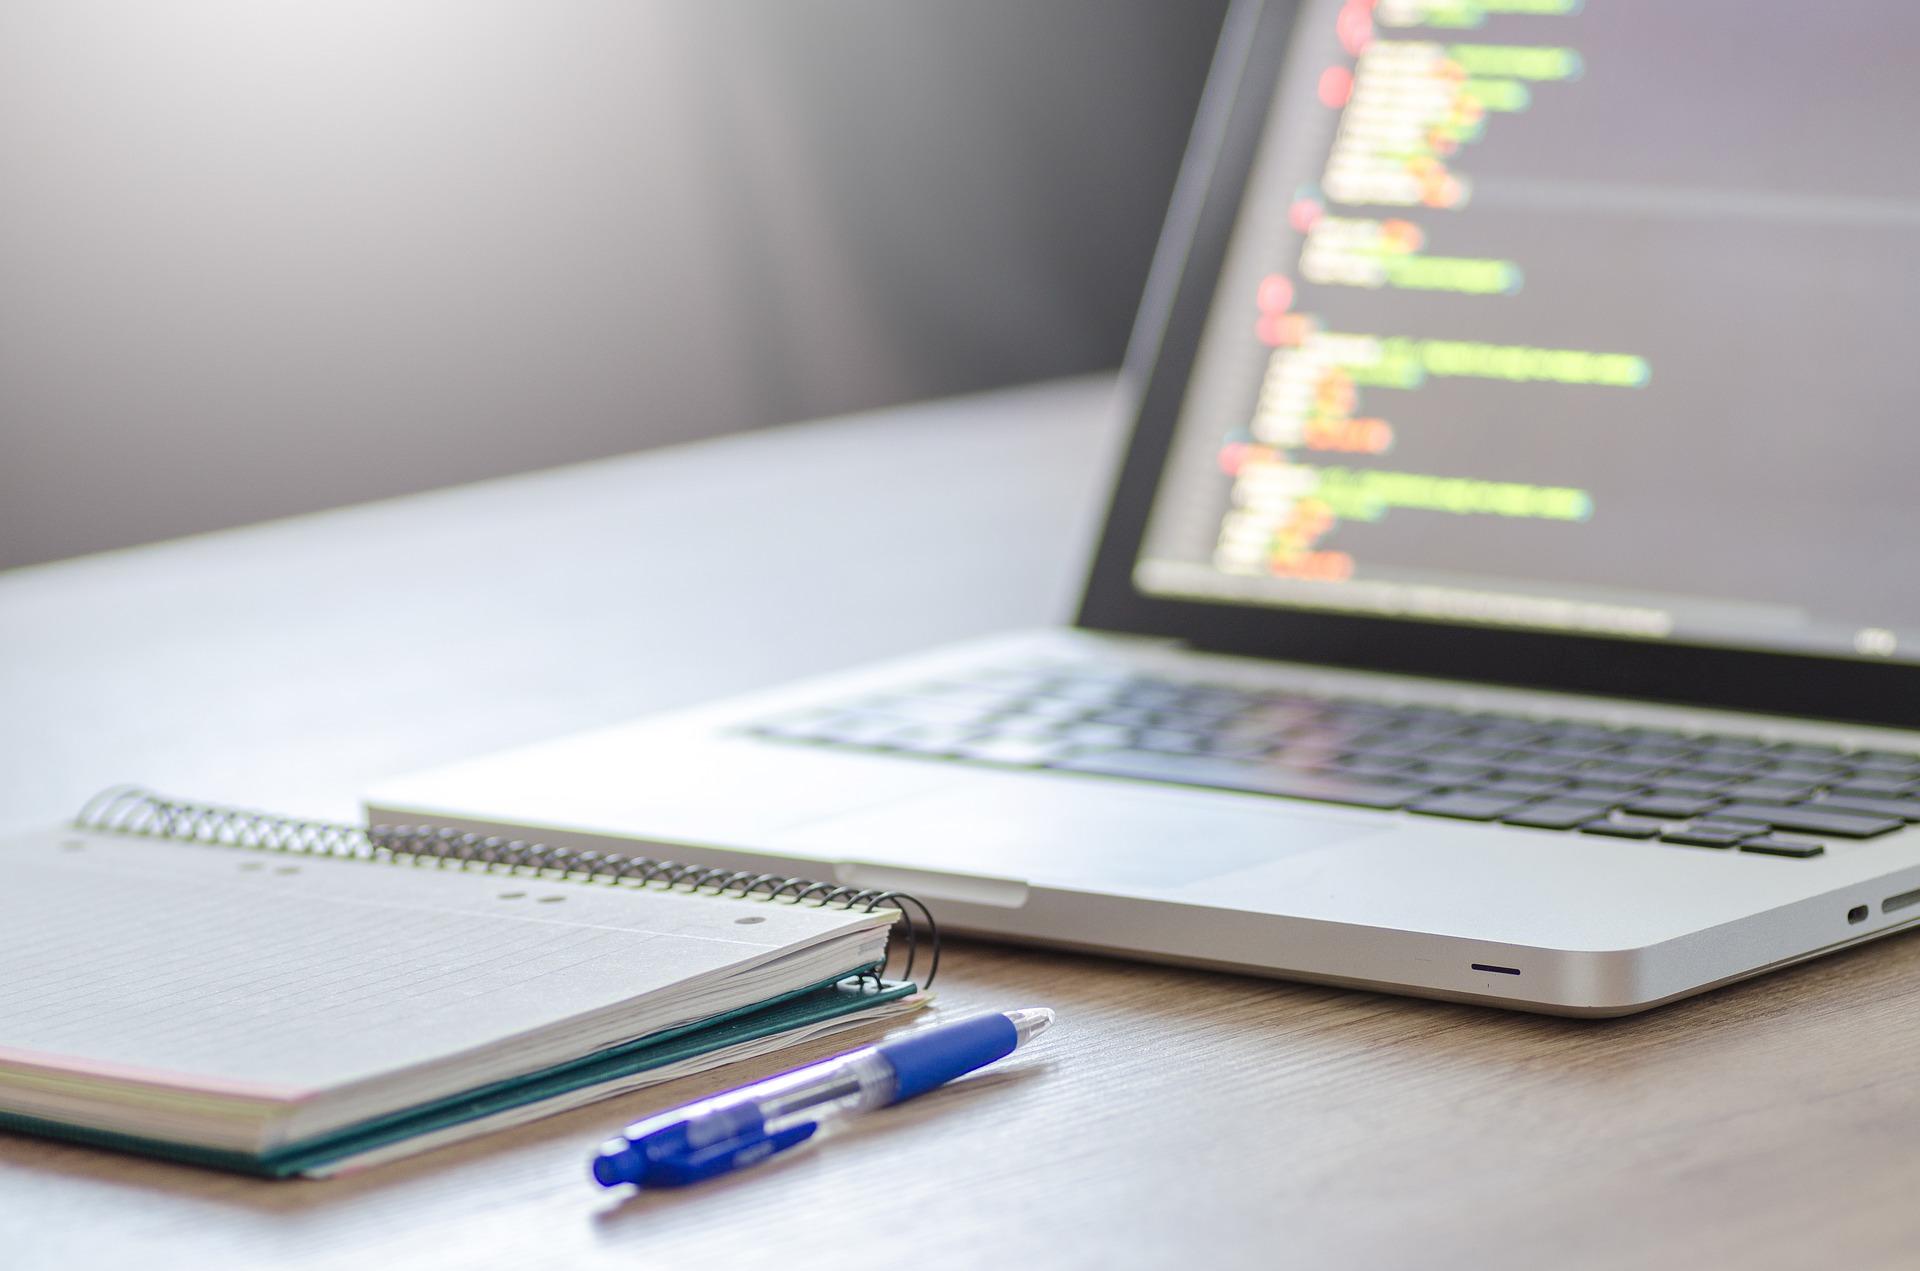 Imagem mostra um notebook, uma caneta azul e um caderno ao lado dela. A tela do computador está desfocada.